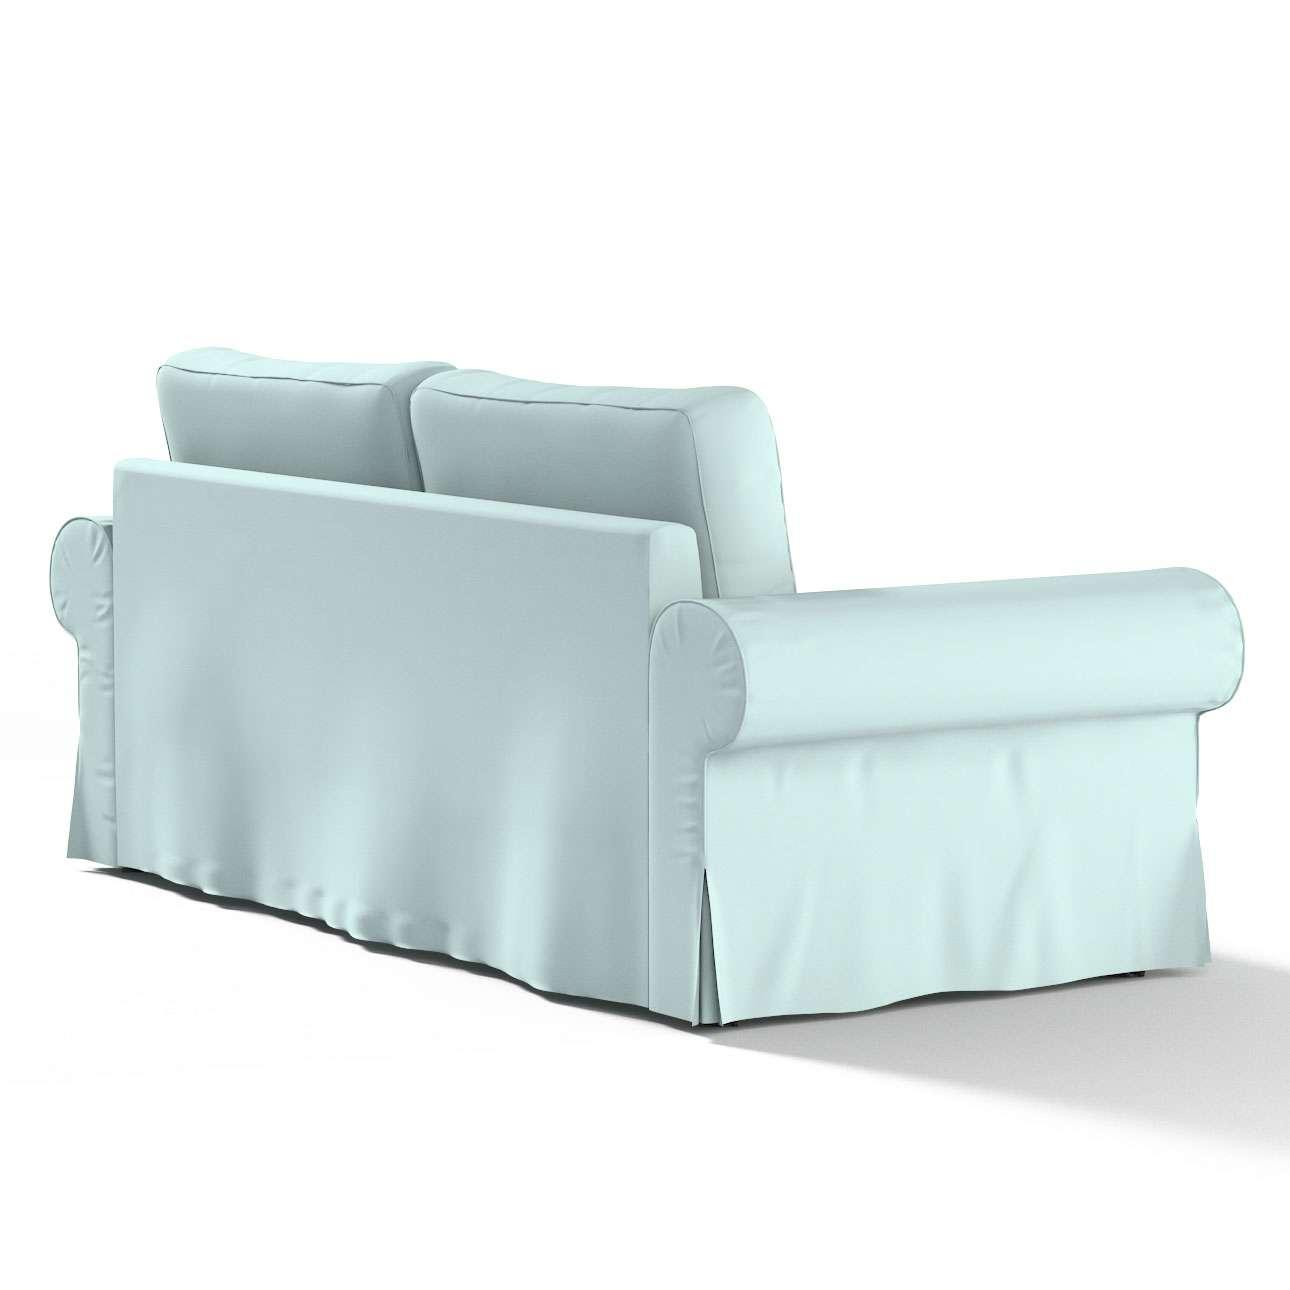 Bezug für Backabro 3-Sitzer Sofa ausklappbar von der Kollektion Cotton Panama, Stoff: 702-10